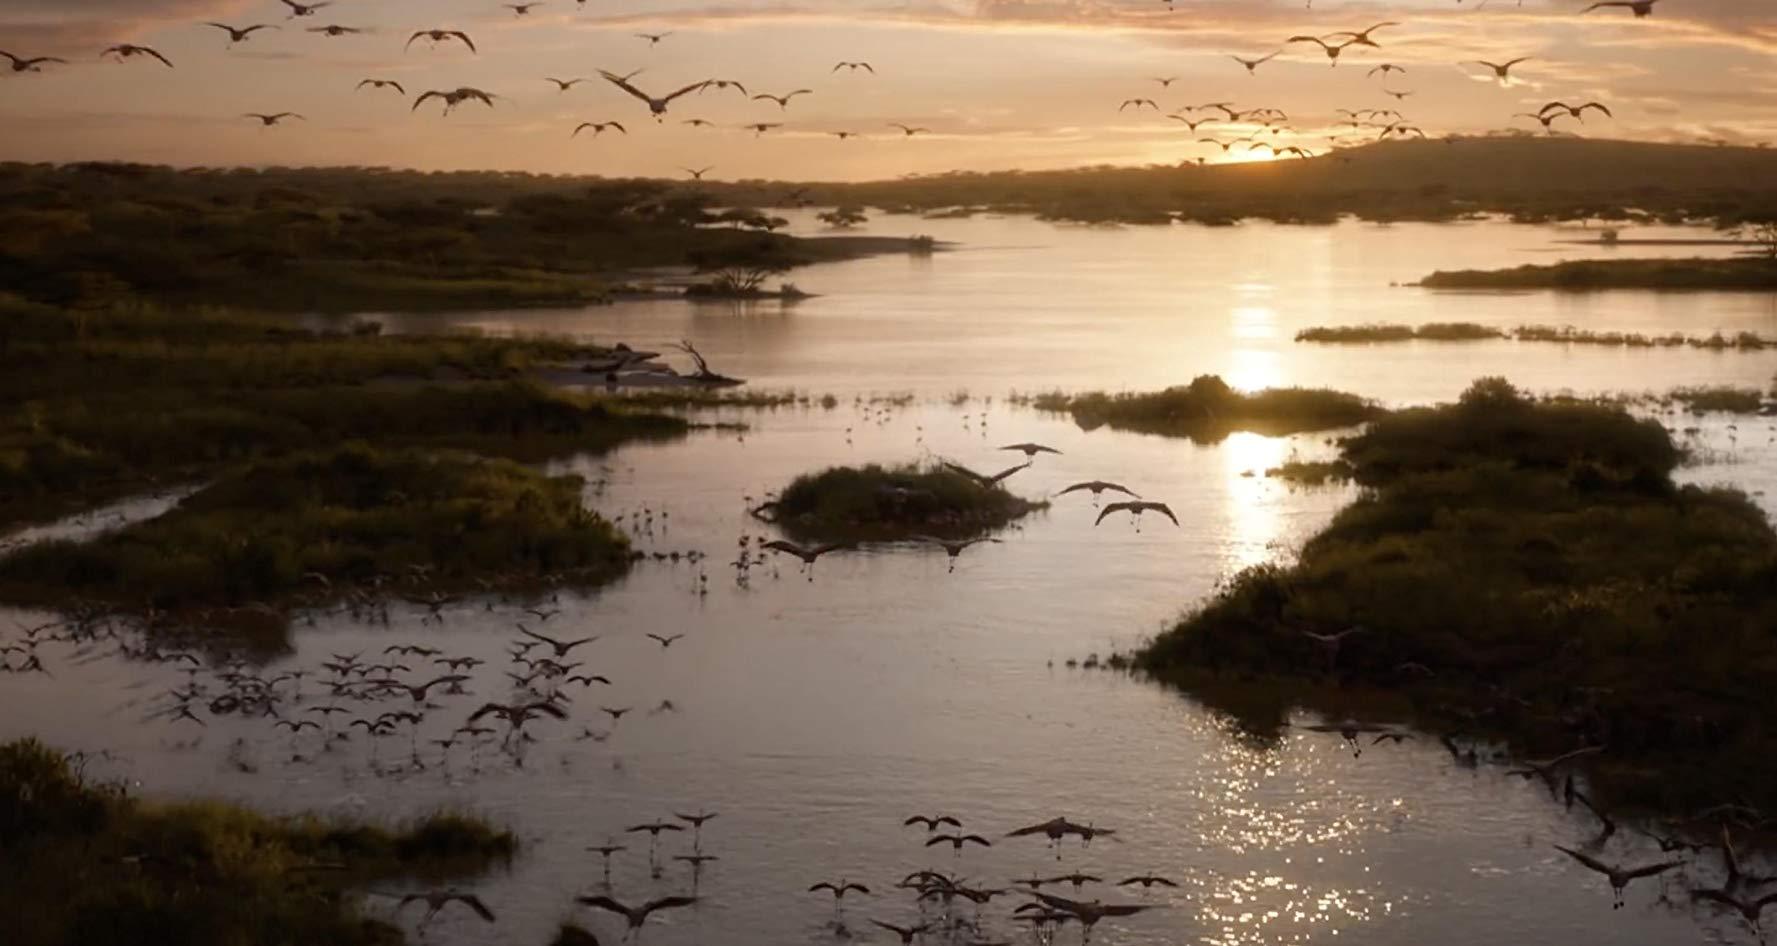 Sonnenaufgang im geweihten Land über einem See